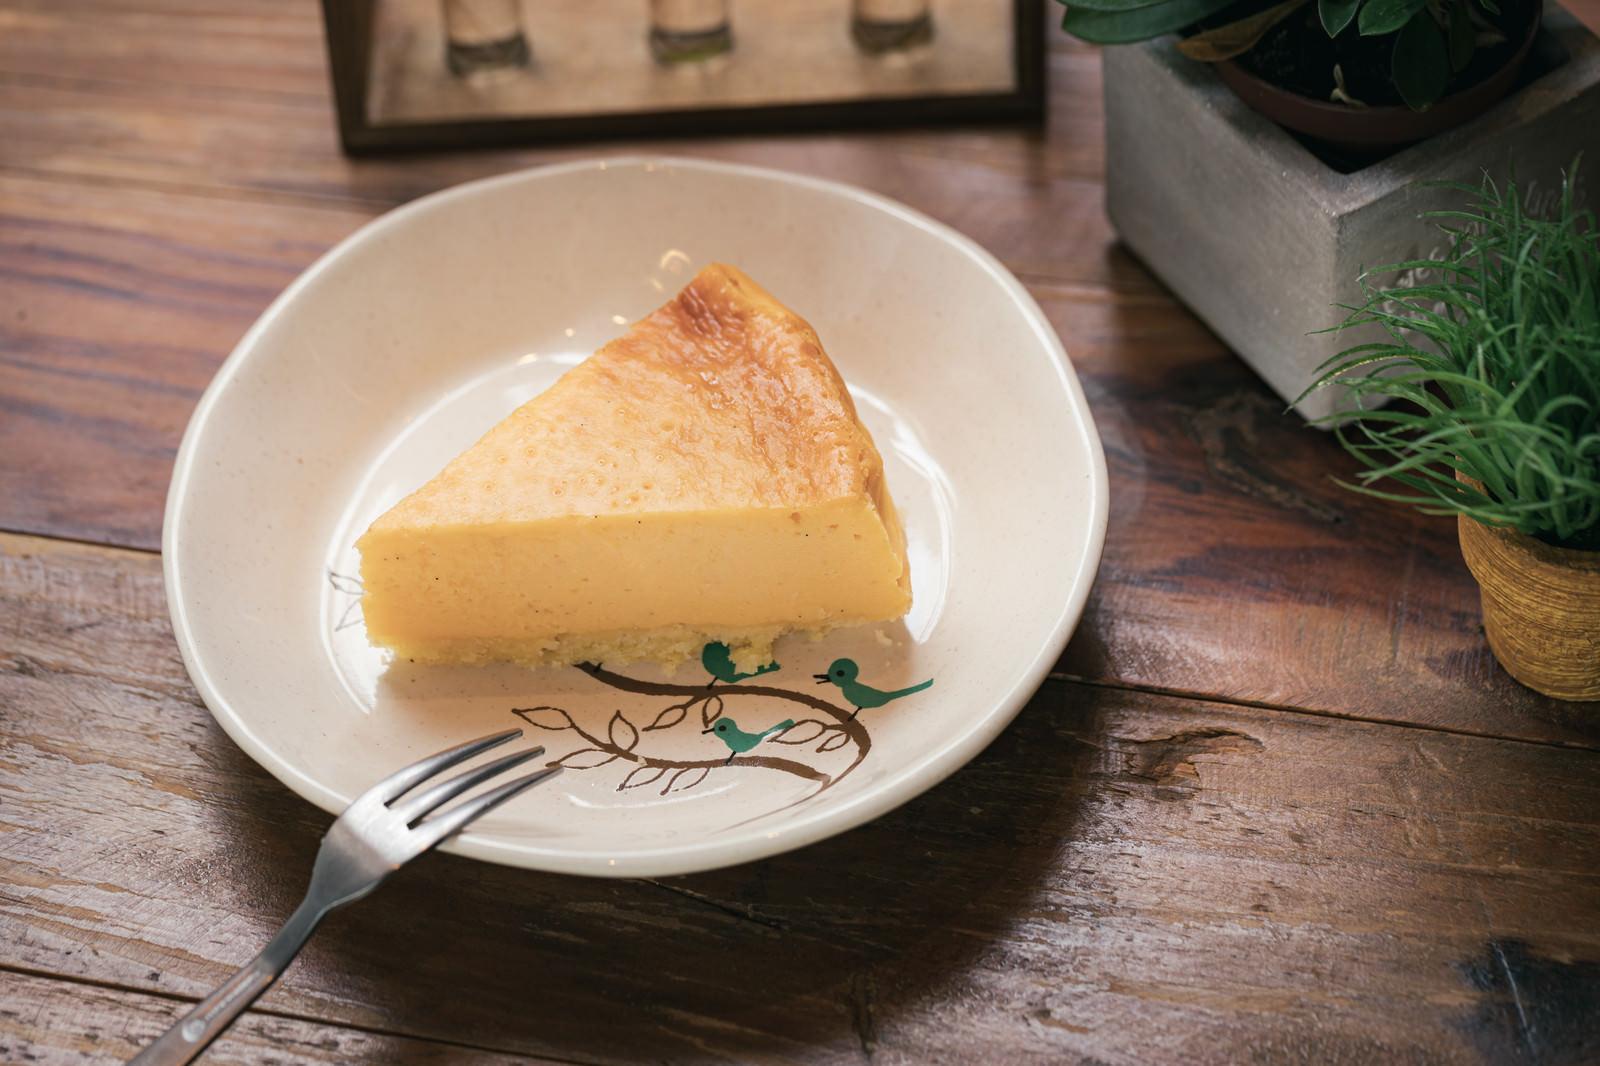 「カフェの手作りチーズケーキ」の写真